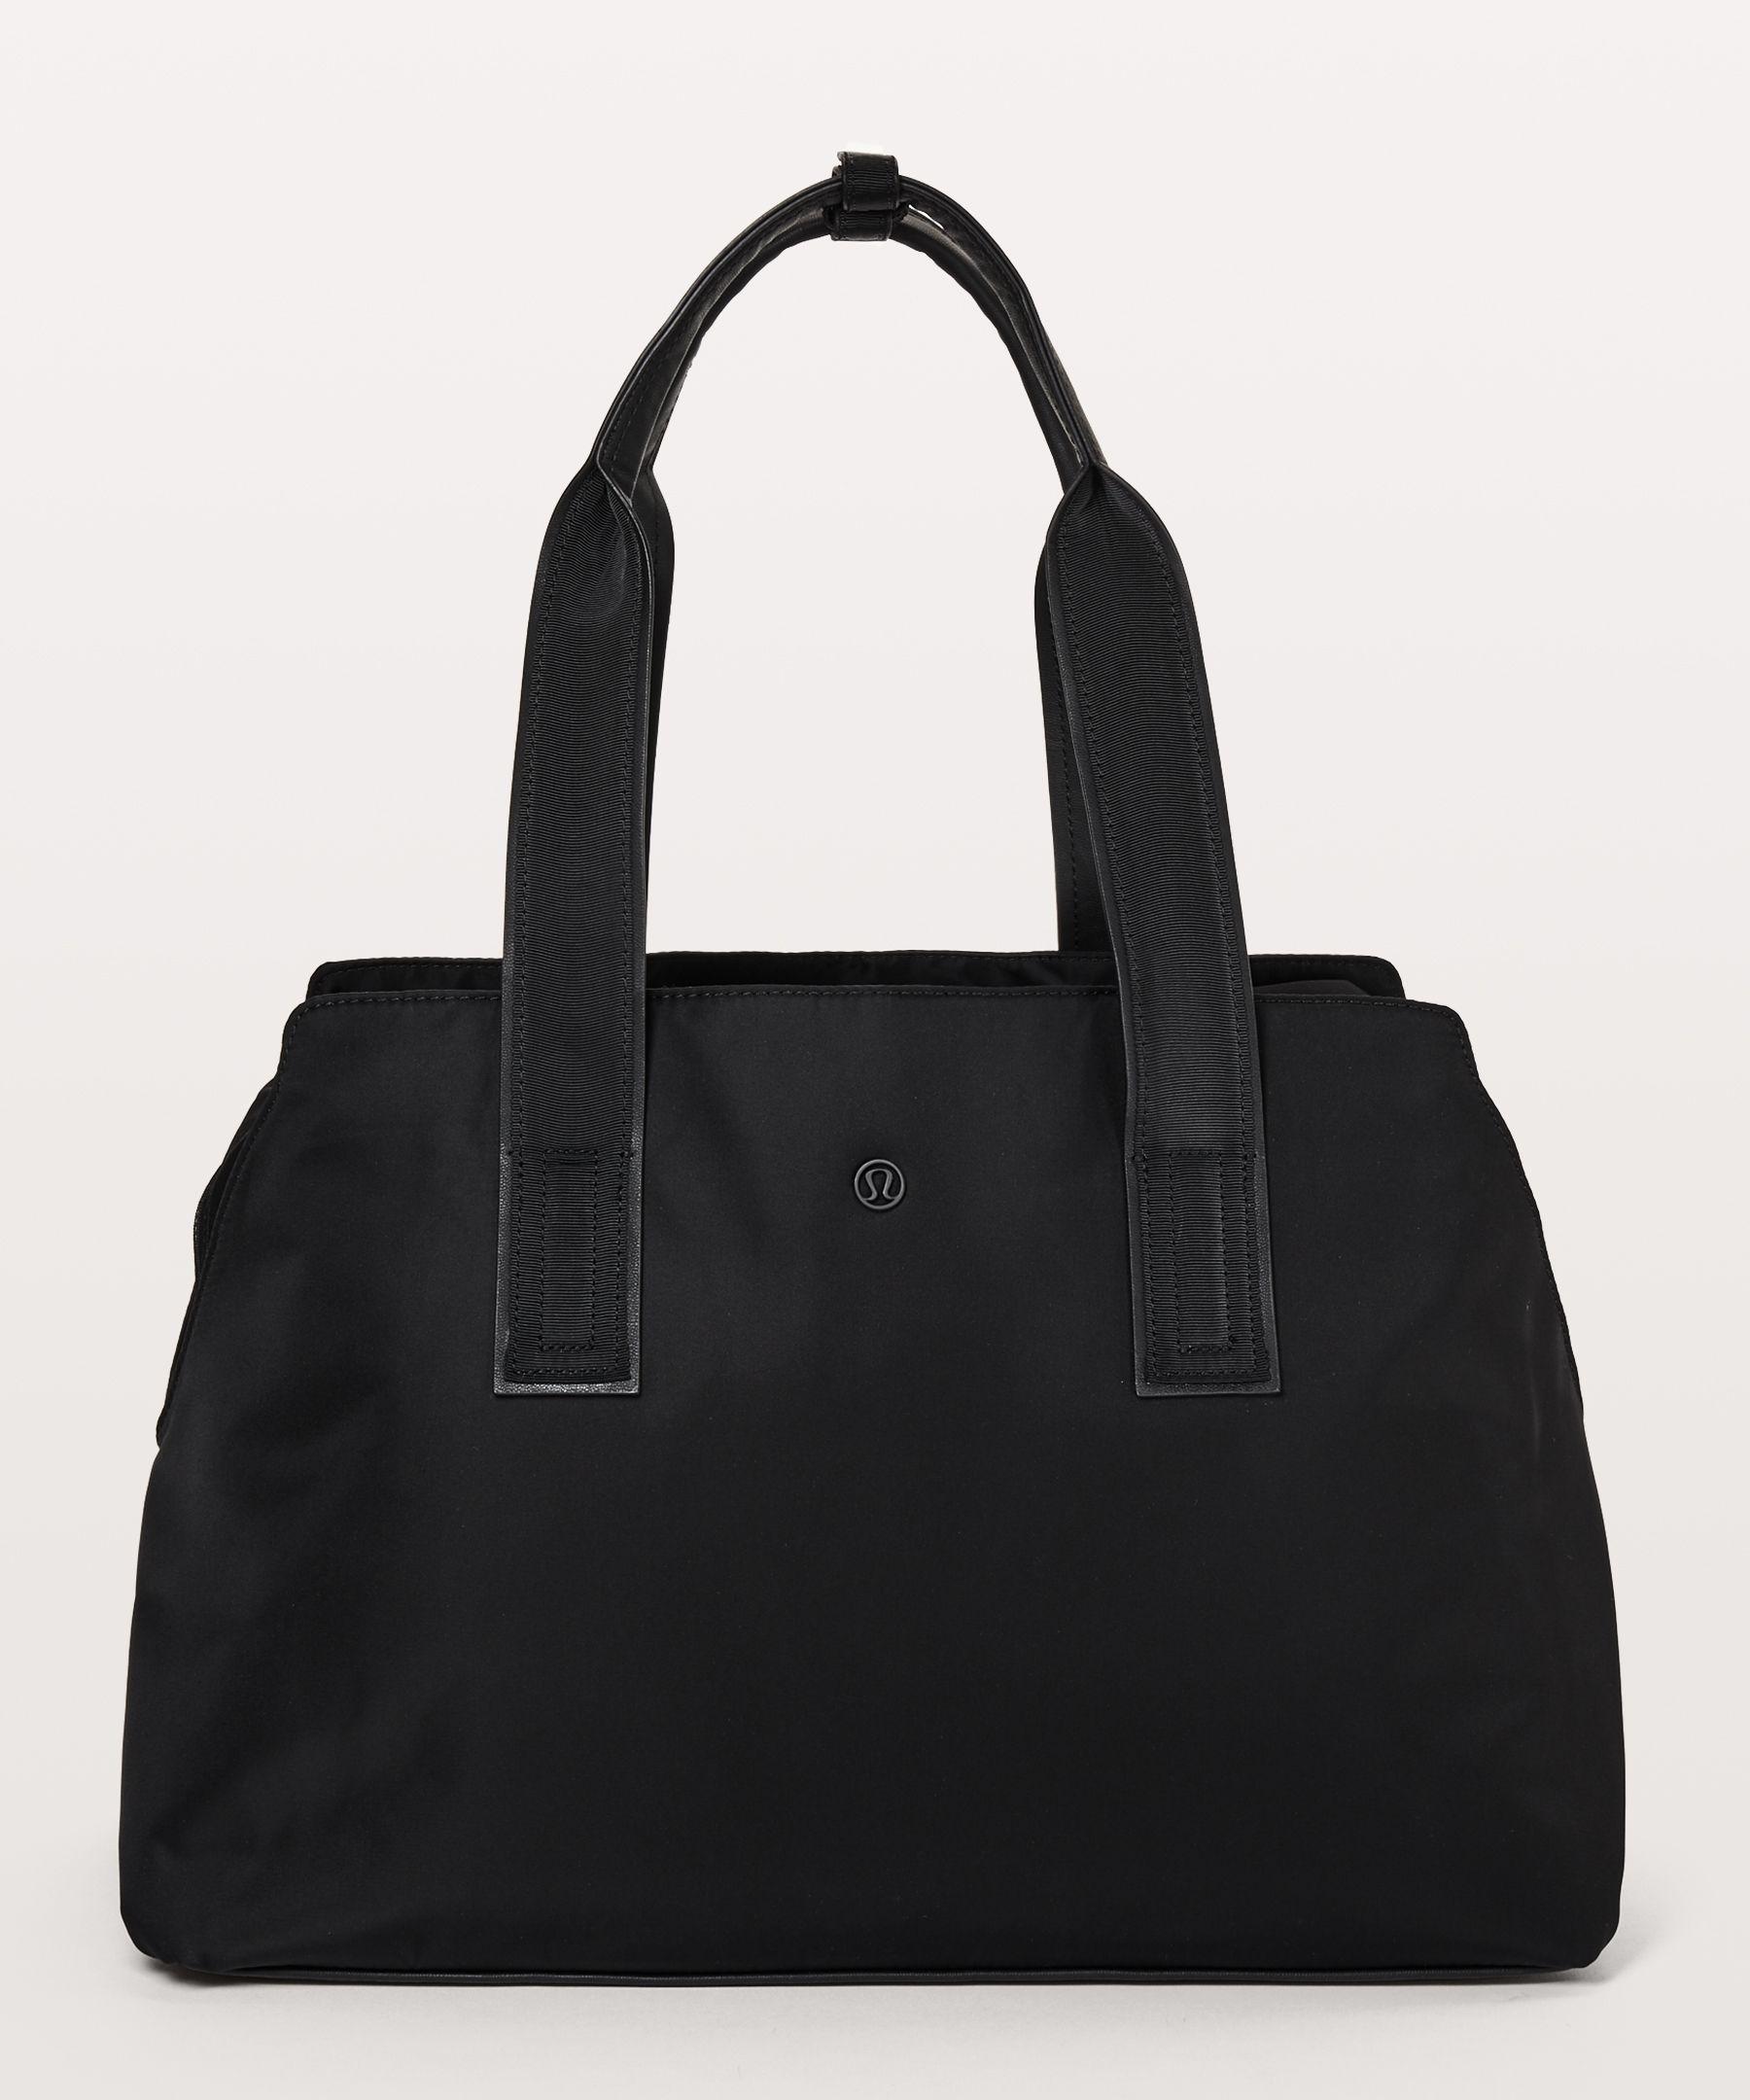 go-getter-bag-26l by lululemon